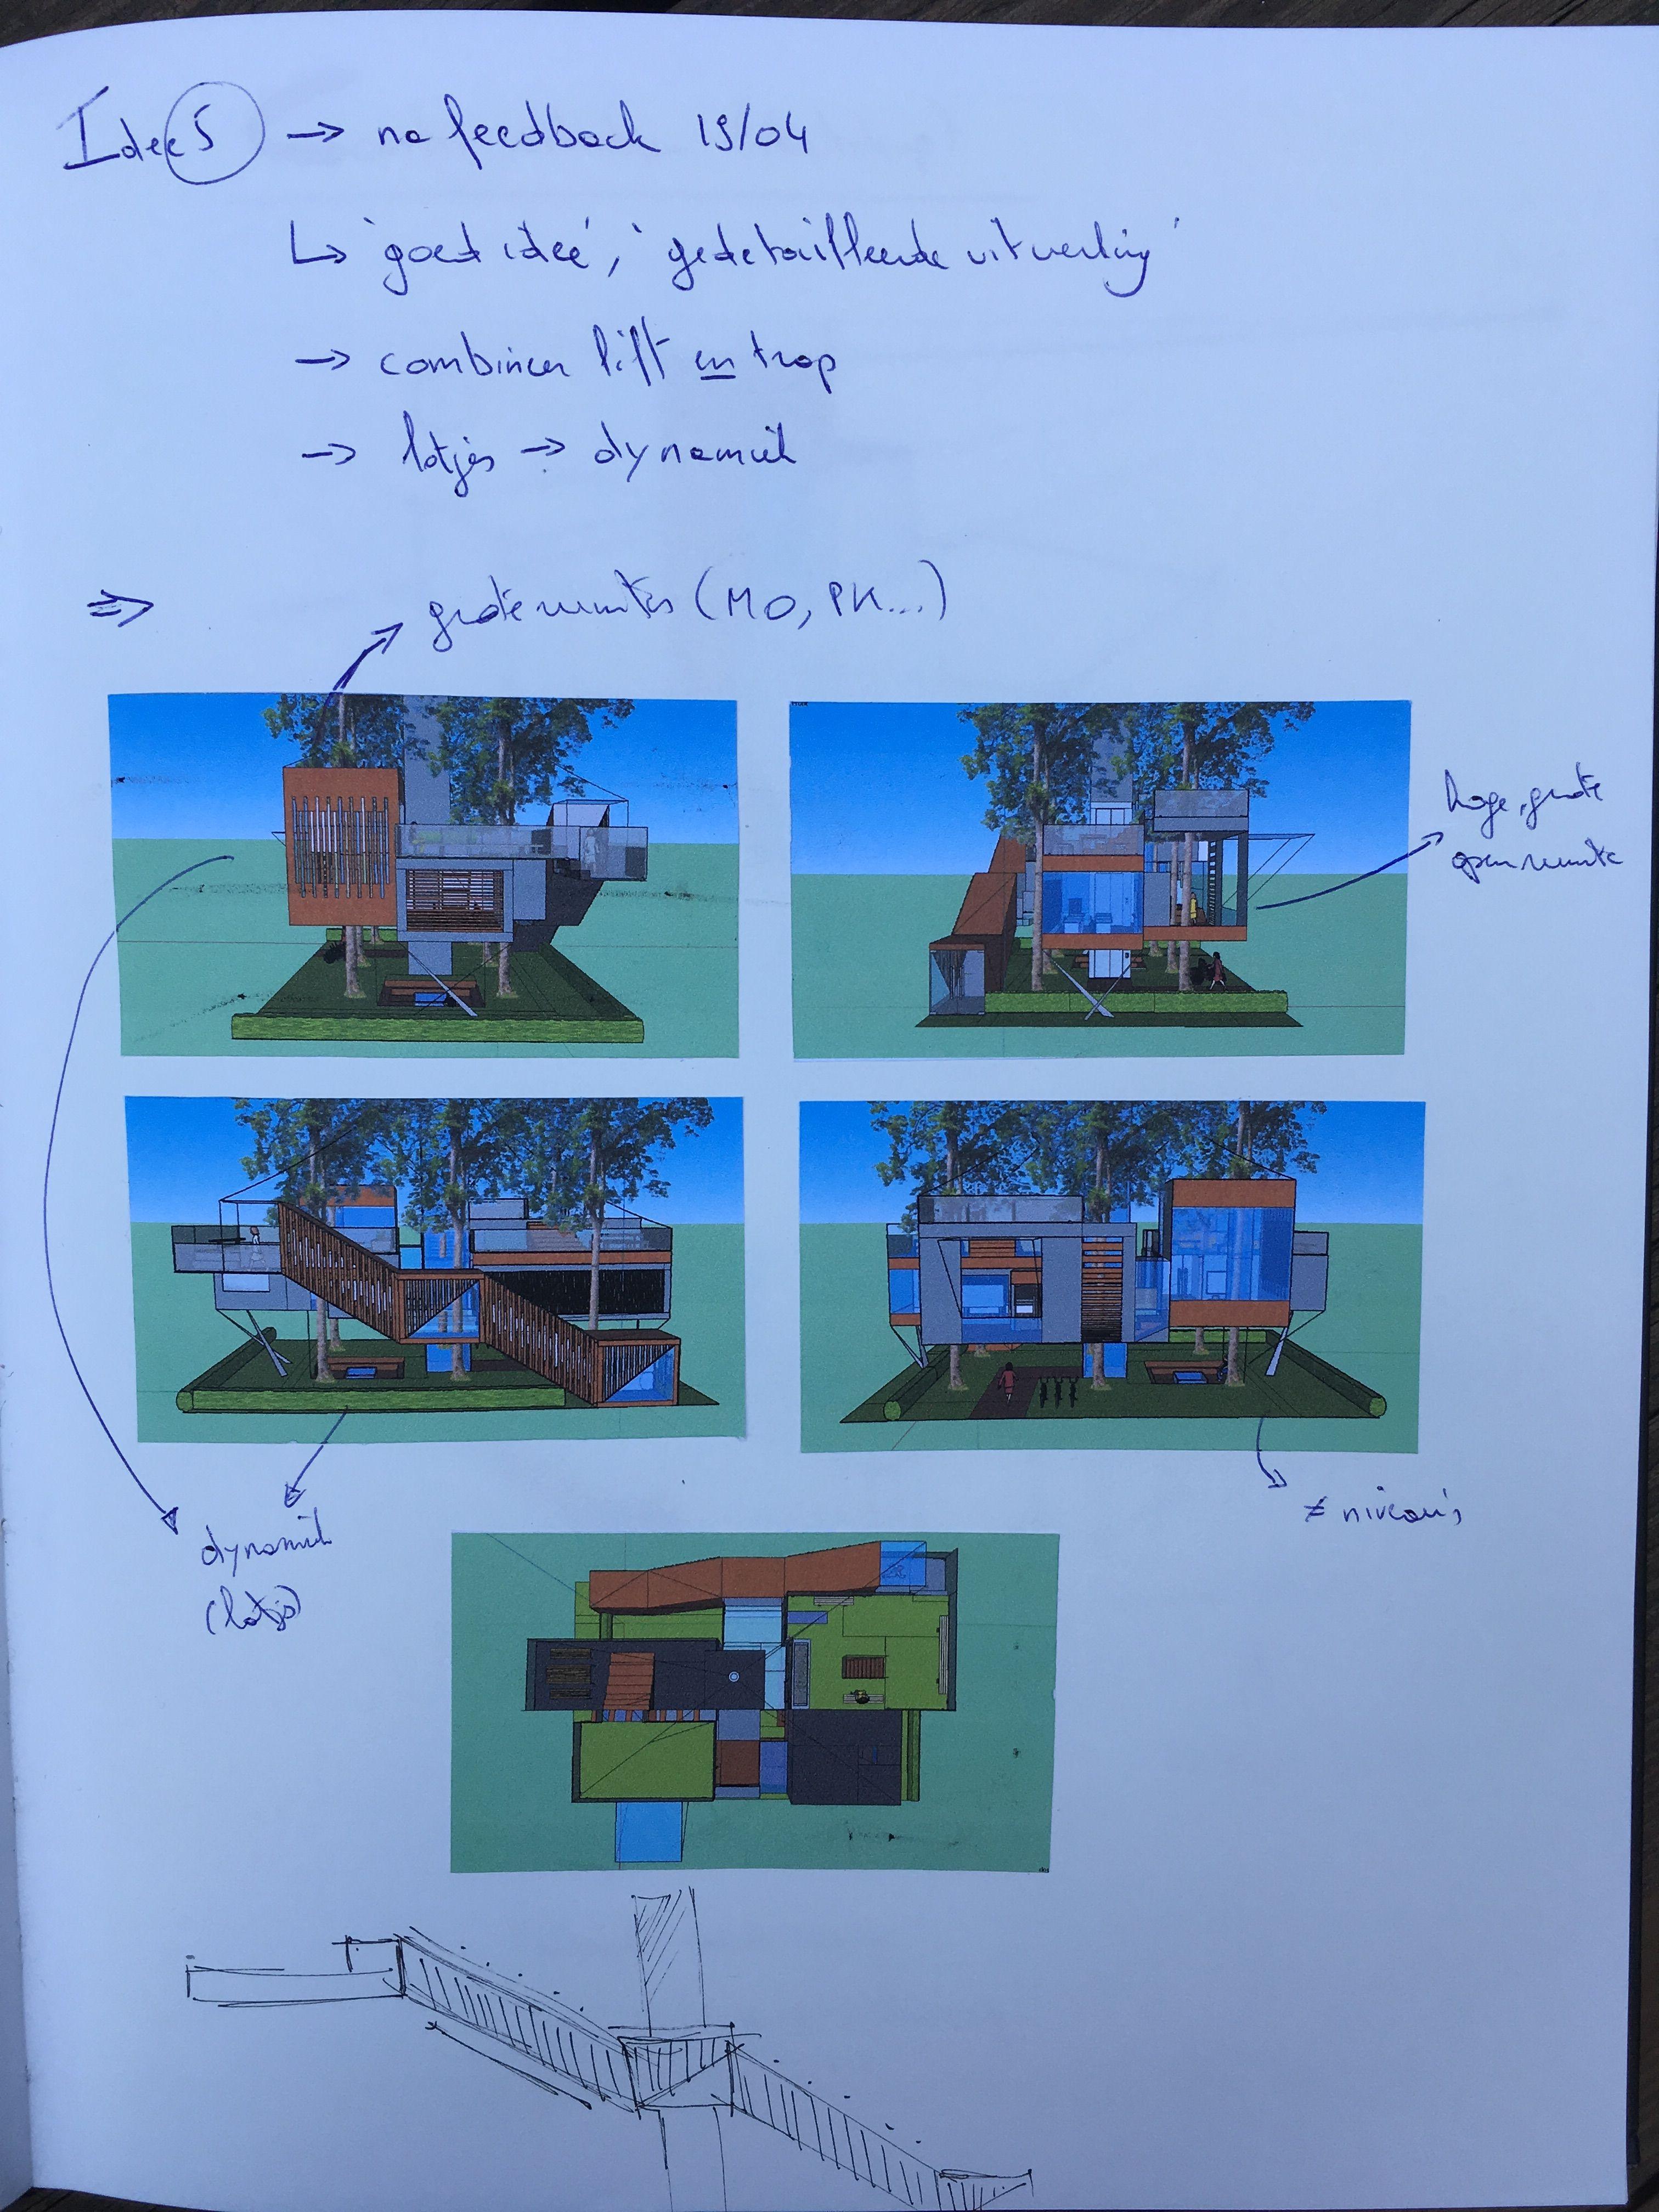 SketchUp ontwerp 5e idee (dynamische trap aan zijkant van ontwerp).